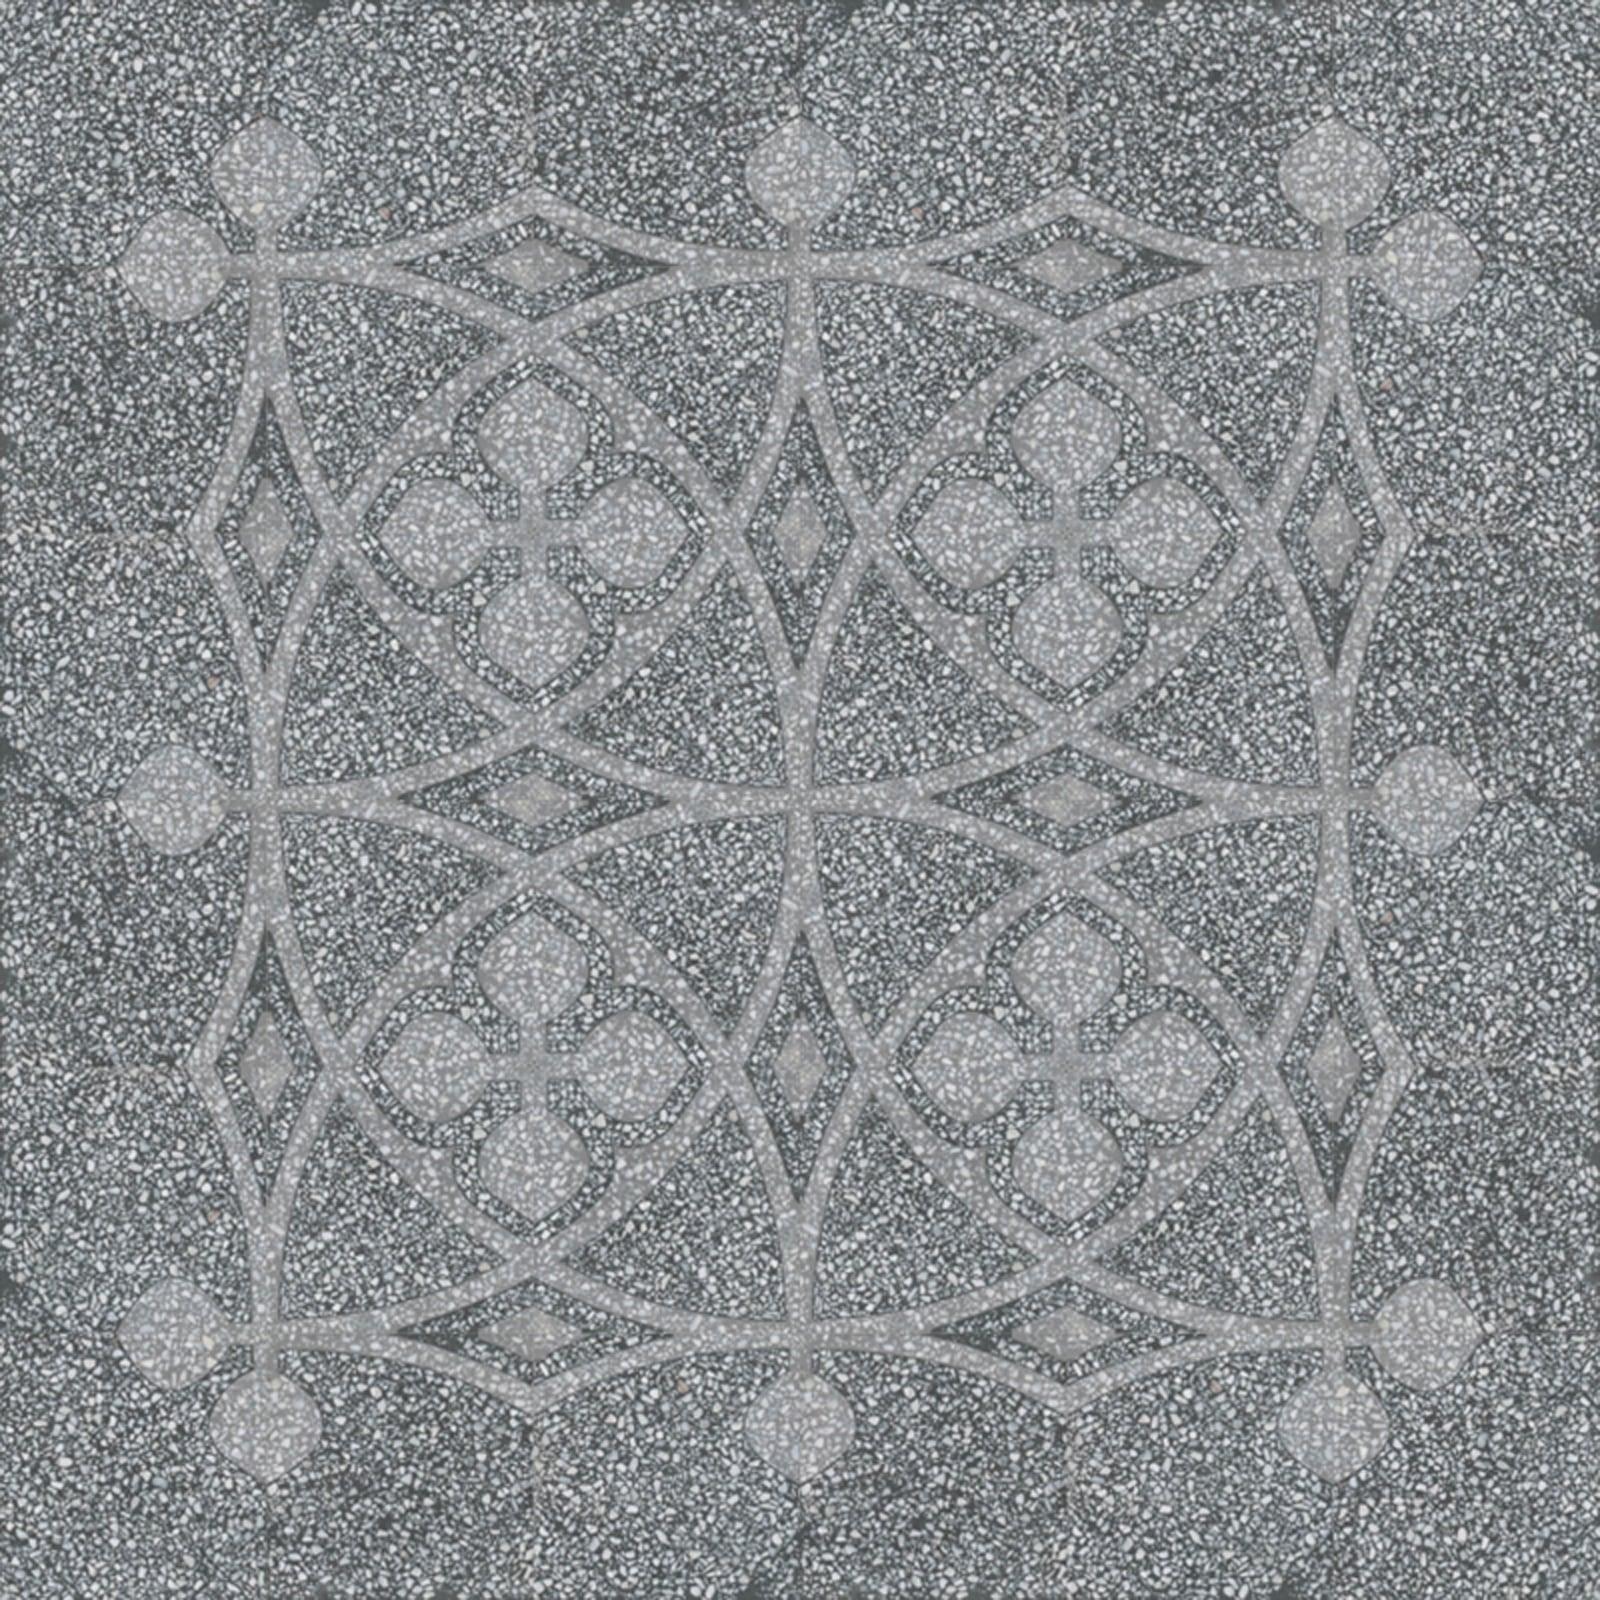 terrazzo-grob-verlegemuster-nummer-910360-54-via-gmbh | 921760-54